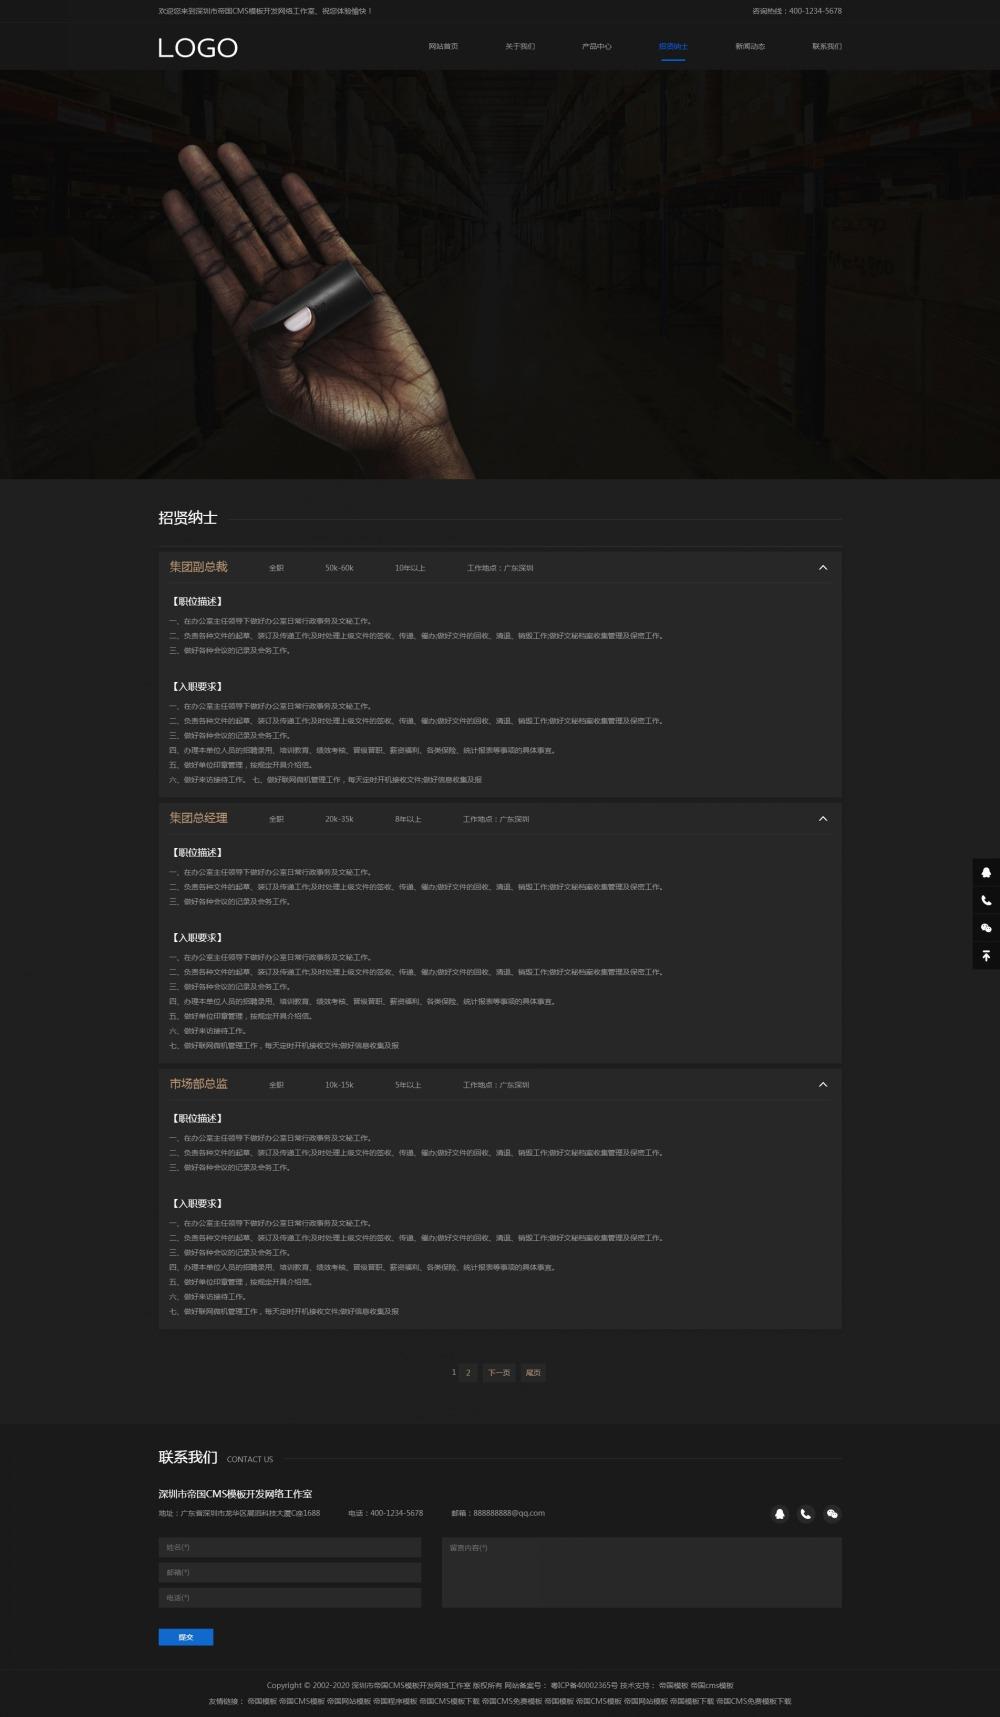 4招贤纳士.jpg [DG-0179]黑色响应式环保新材料网站类帝国cms模板 HTML5高新技术新型材料帝国cms网站源码下载 企业模板 第4张